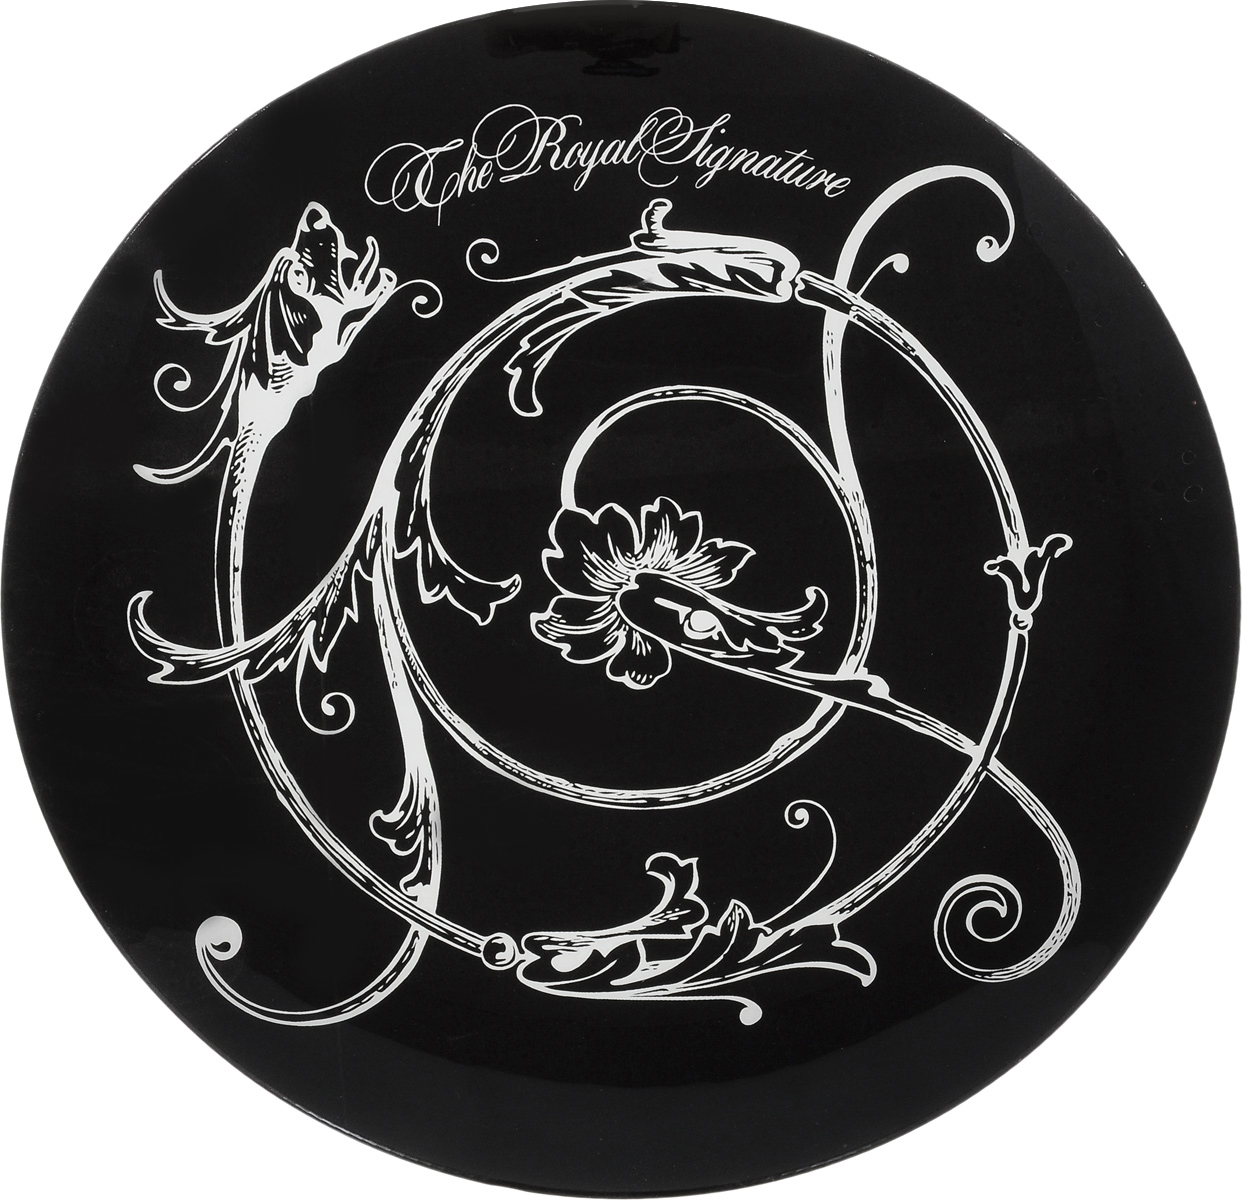 Блюдо Elan Gallery Vegas. Королевский вензель, диаметр 30 смVT-1520(SR)Декоративное блюдо Elan Gallery Vegas. Королевский вензель, изготовленное из стекла, прекрасно подойдет для тортов, пирожных, фруктов, суши-сетов, пиццы и блюд, приготовленных на гриле. Изделие, оформленное оригинальным рисунком, украсит сервировку вашего стола и подчеркнет прекрасный вкус хозяйки. Не рекомендуется применять абразивные моющиесредства. Не использовать в микроволновой печи. Диаметр блюда: 30 см.Высота блюда: 2 см.